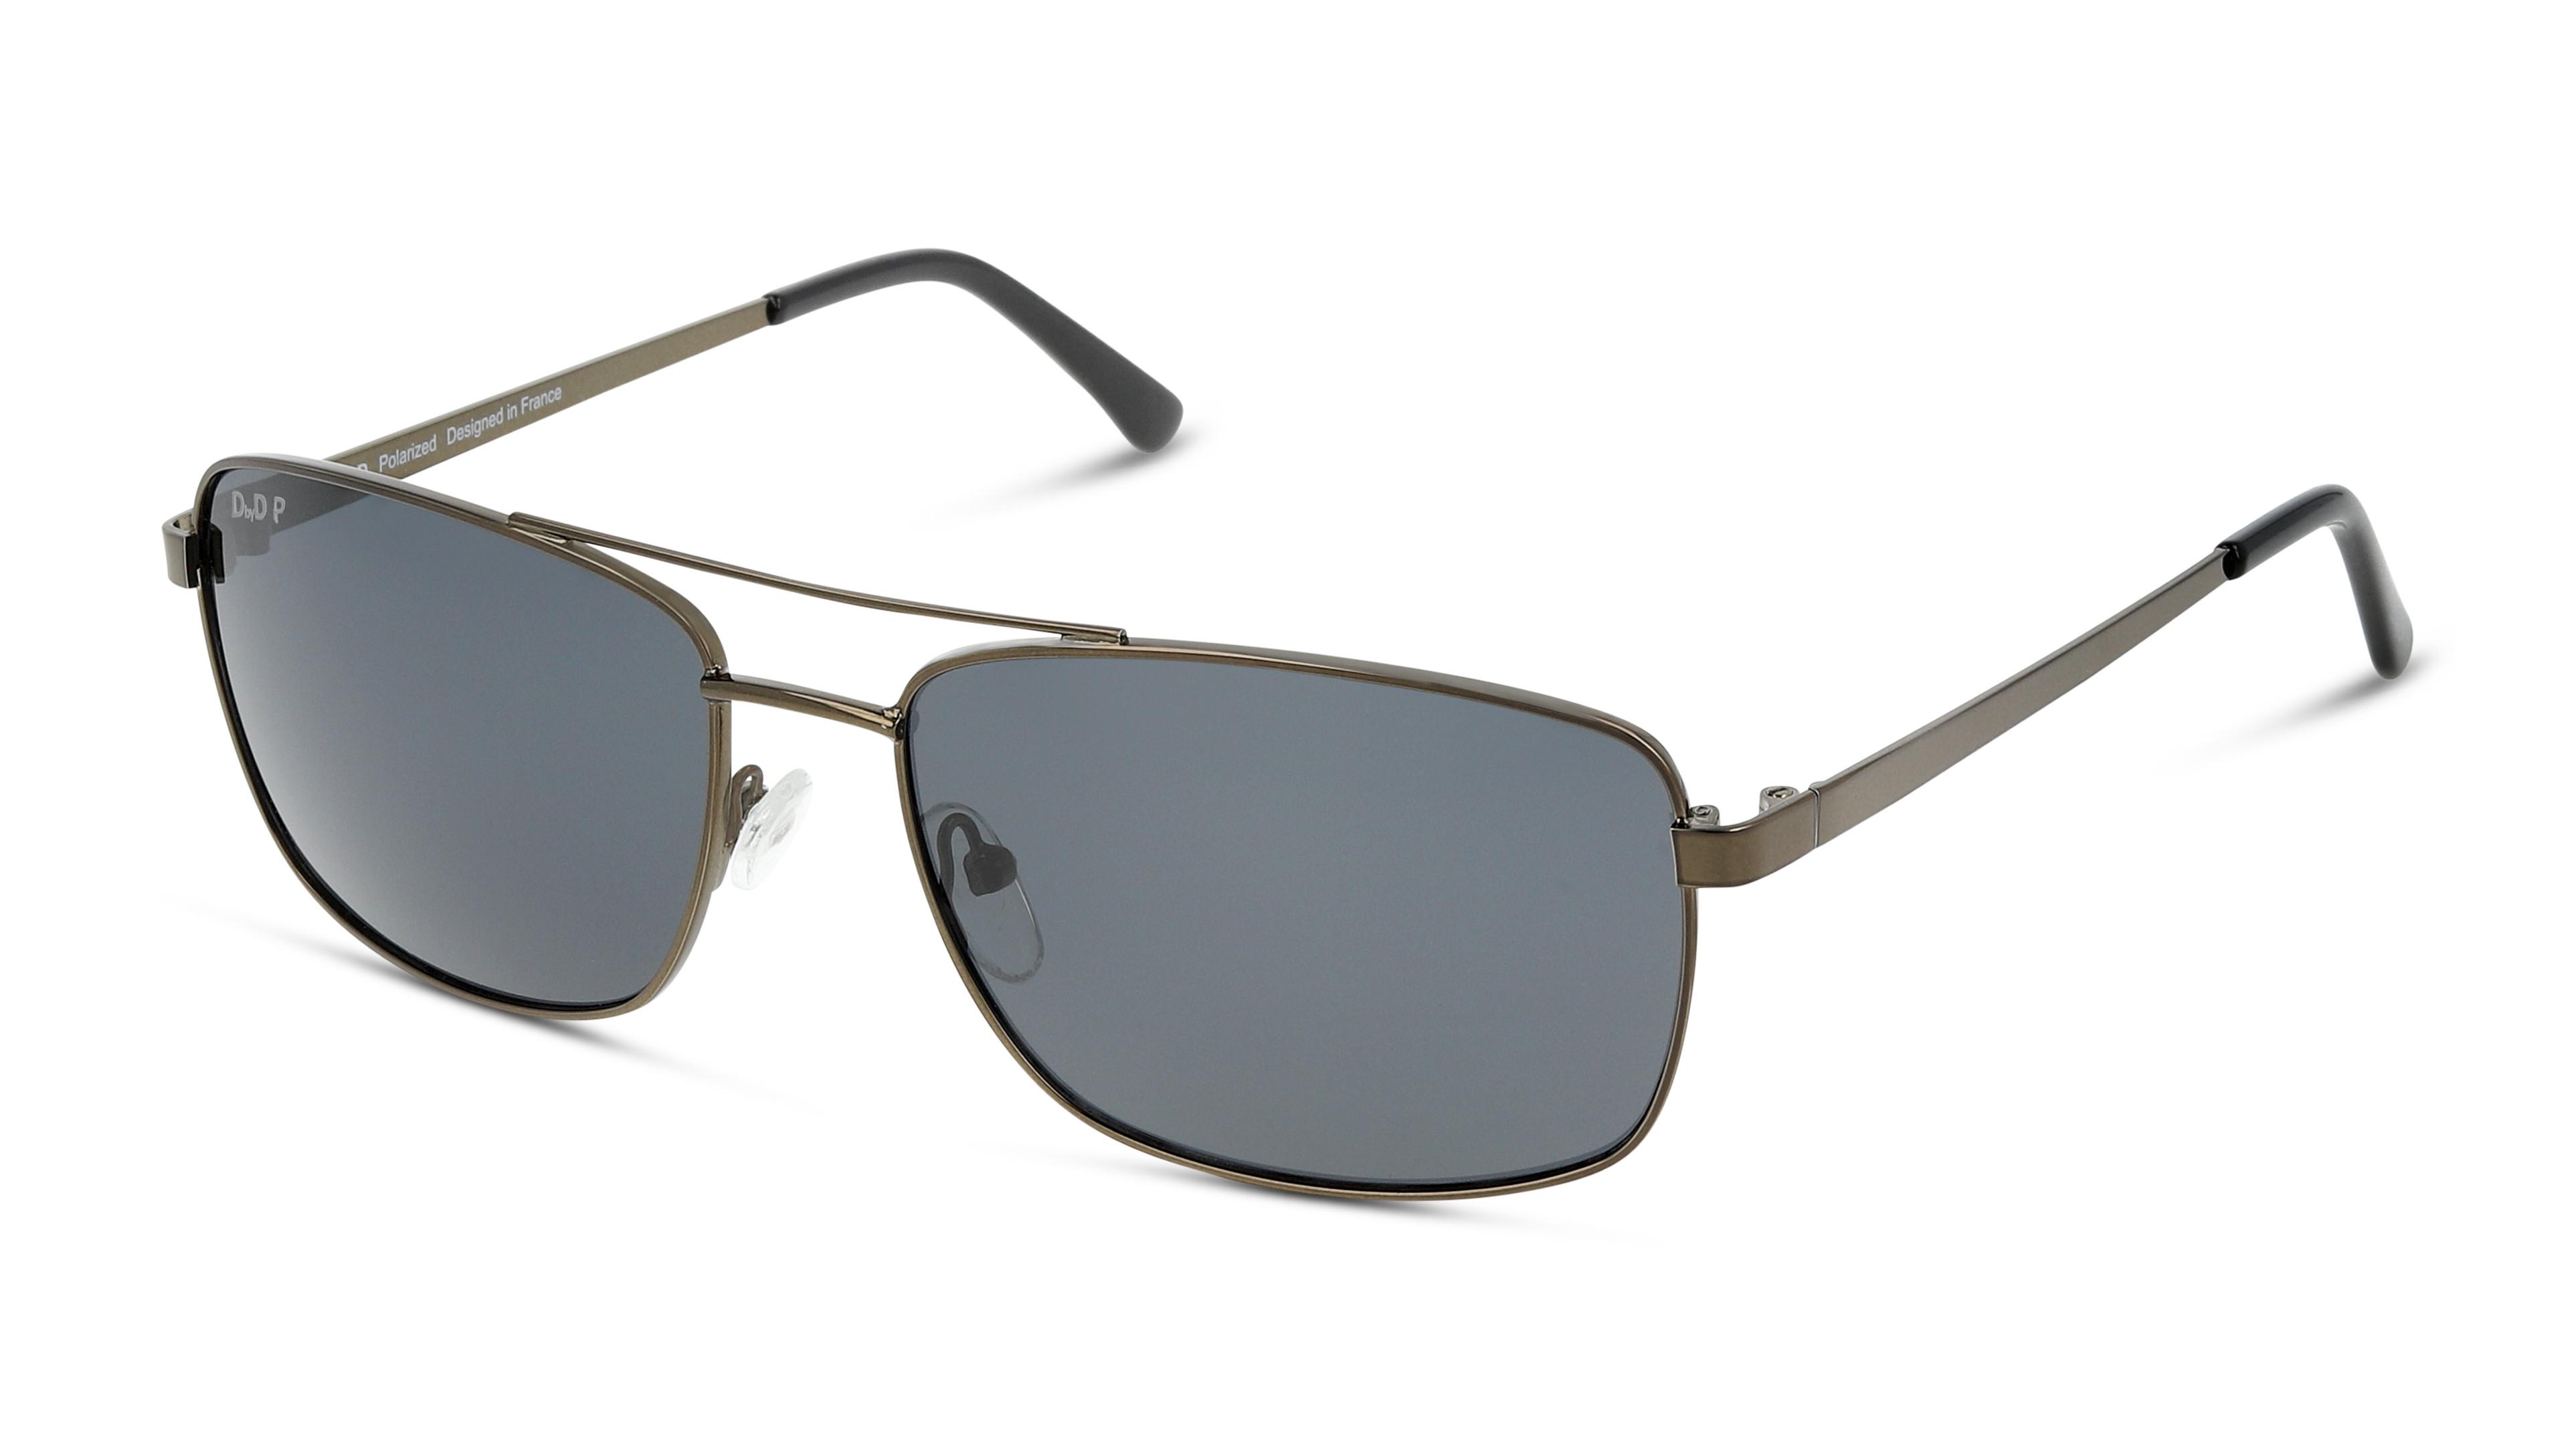 8719154733444-angle-03-dbyd-dbsm9002p-eyewear-grey-grey